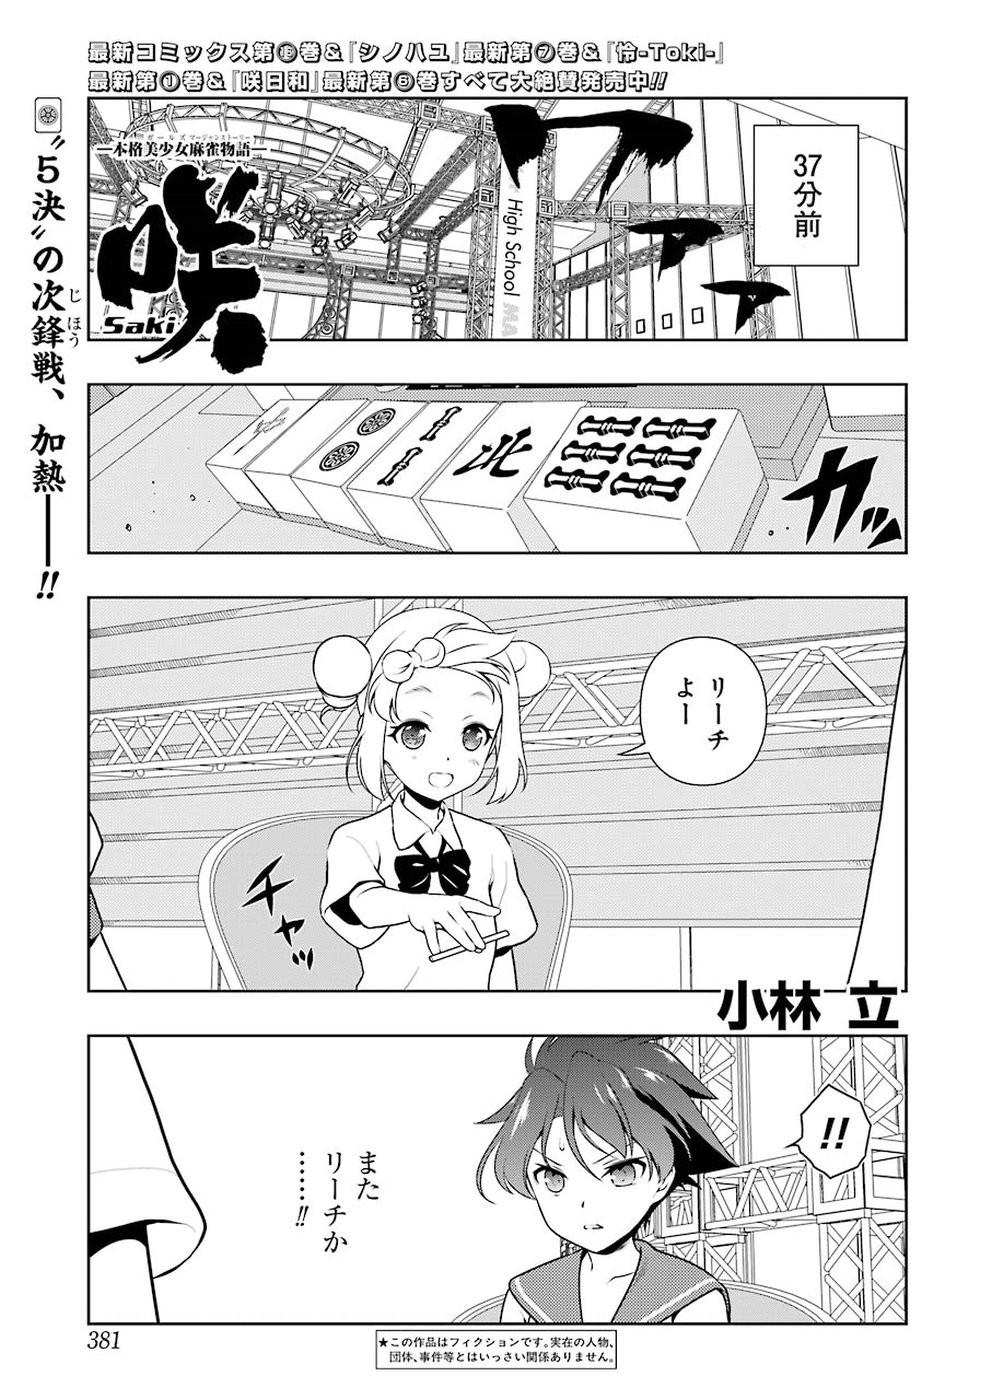 Saki Chapter 173 Page 1